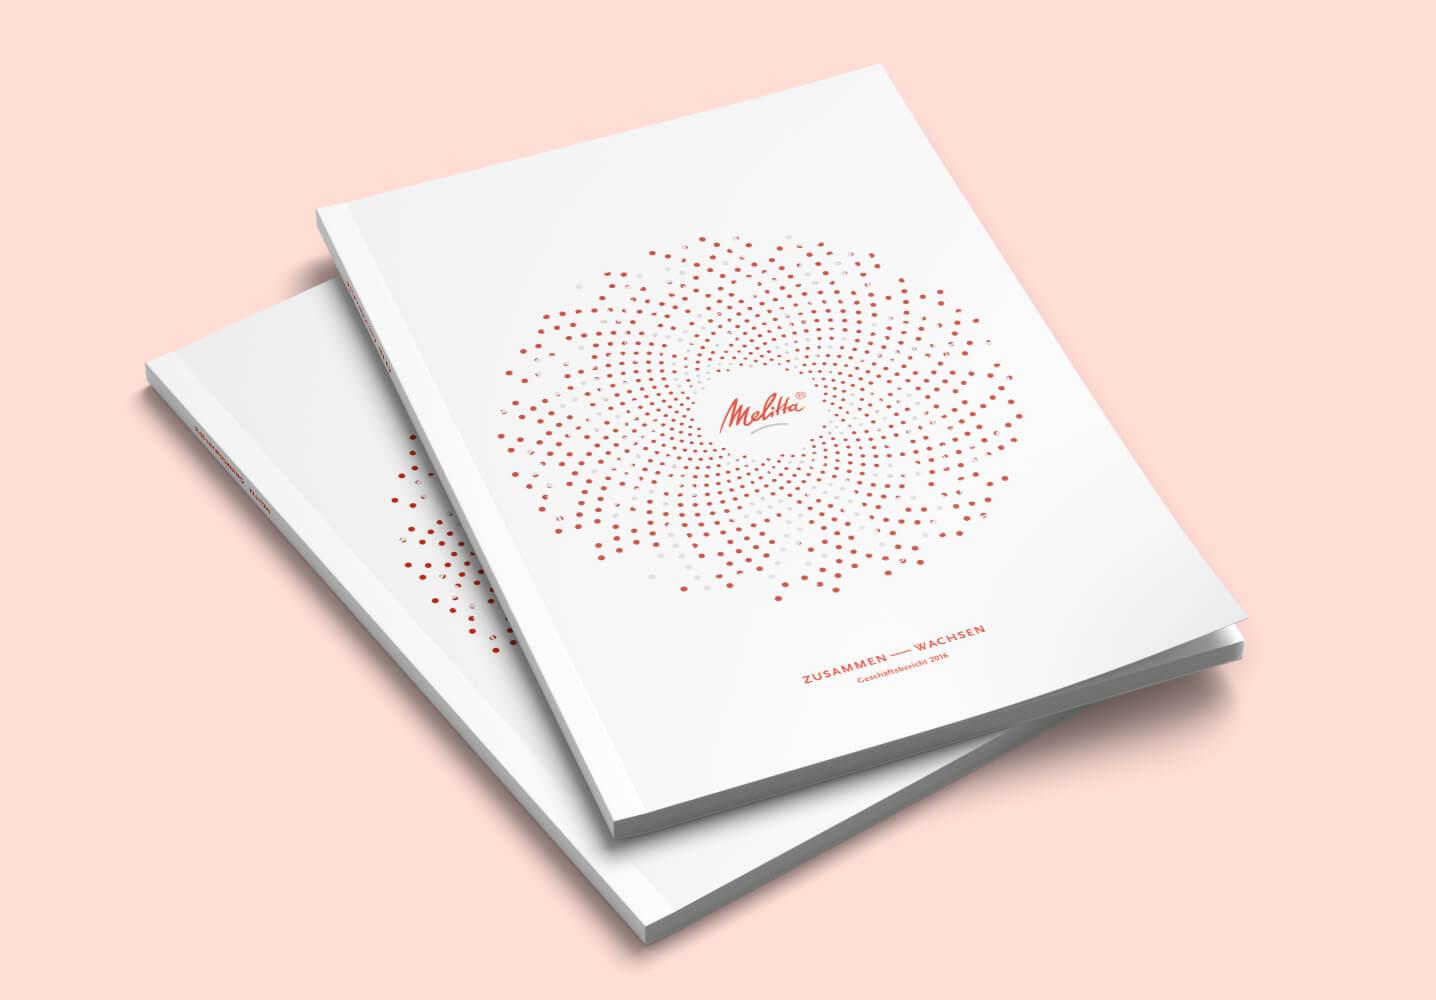 Melitta Geschaeftsbericht 2016 Cover